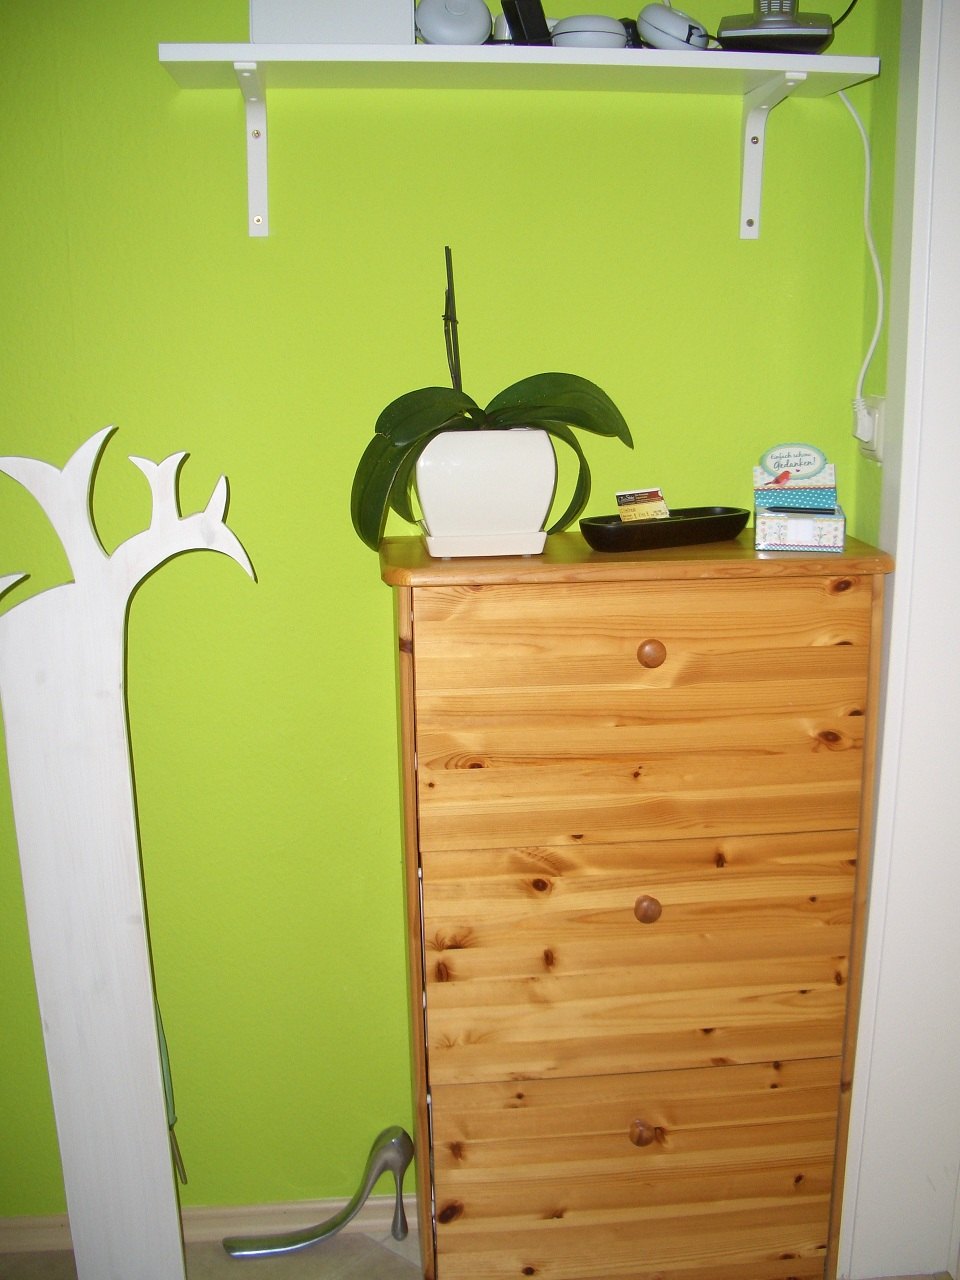 jugendbetten ikea. Black Bedroom Furniture Sets. Home Design Ideas